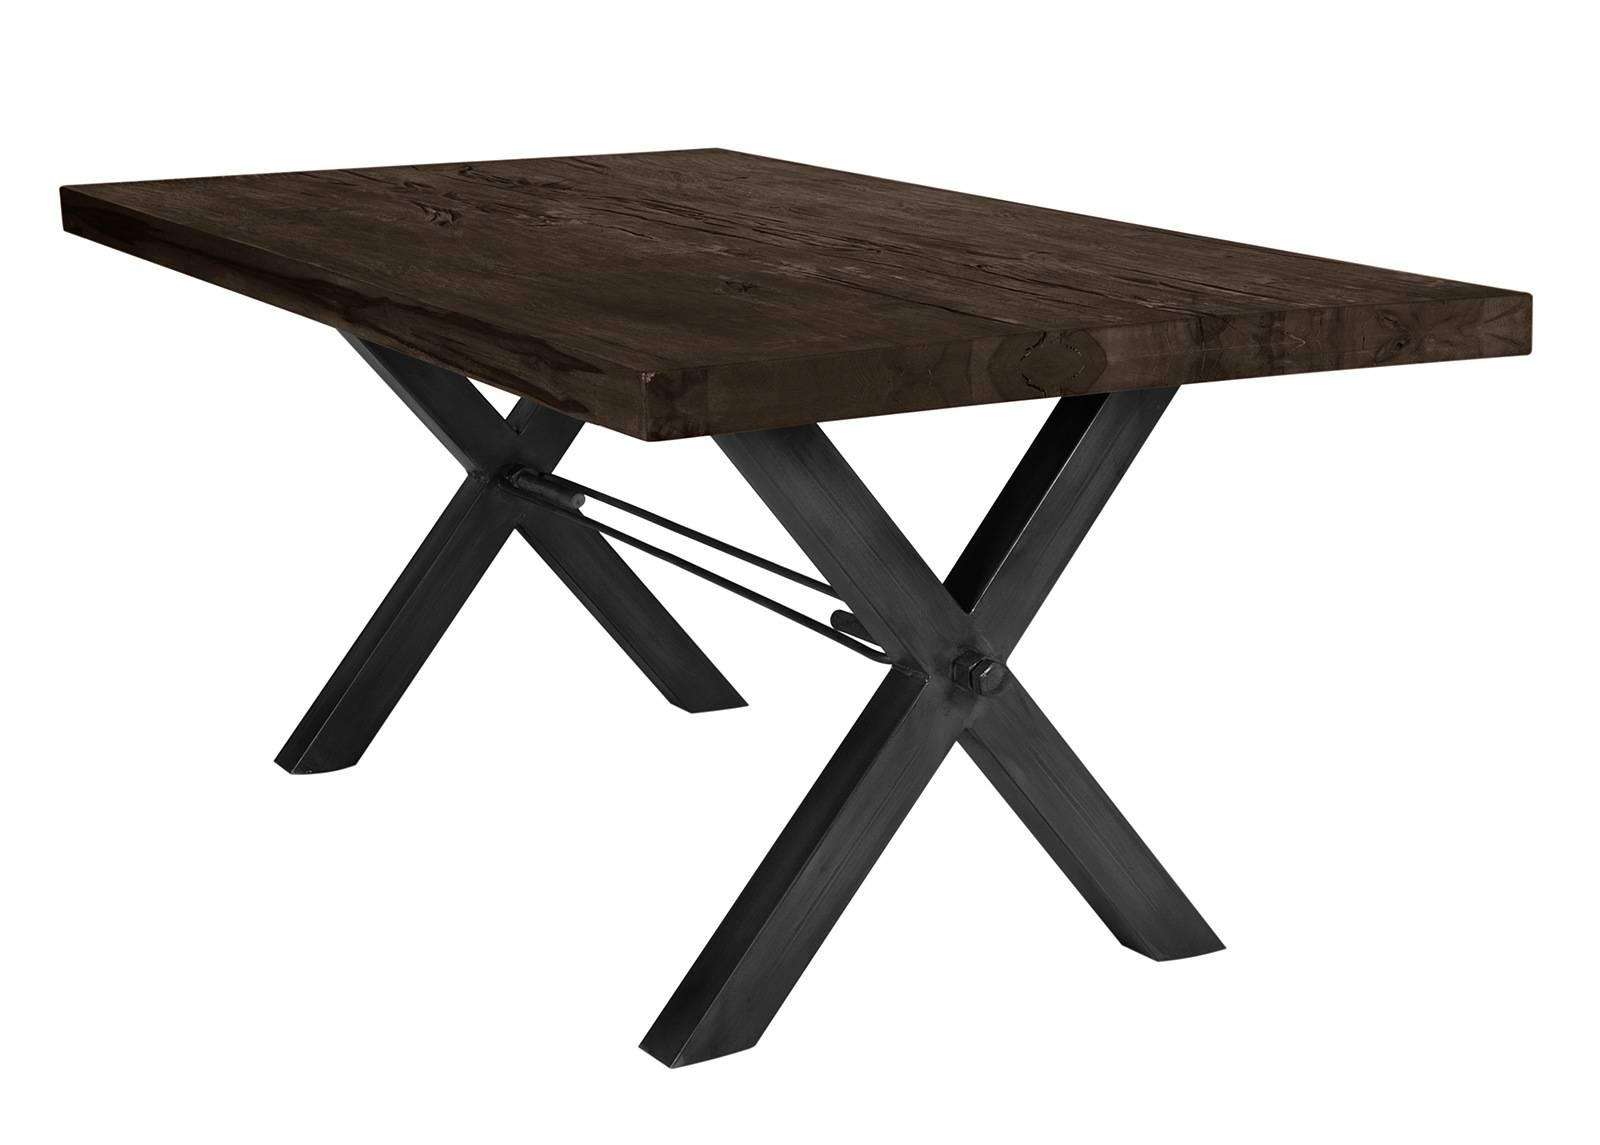 SIT Möbel Ruokapöytä Tisch 100x240 cm